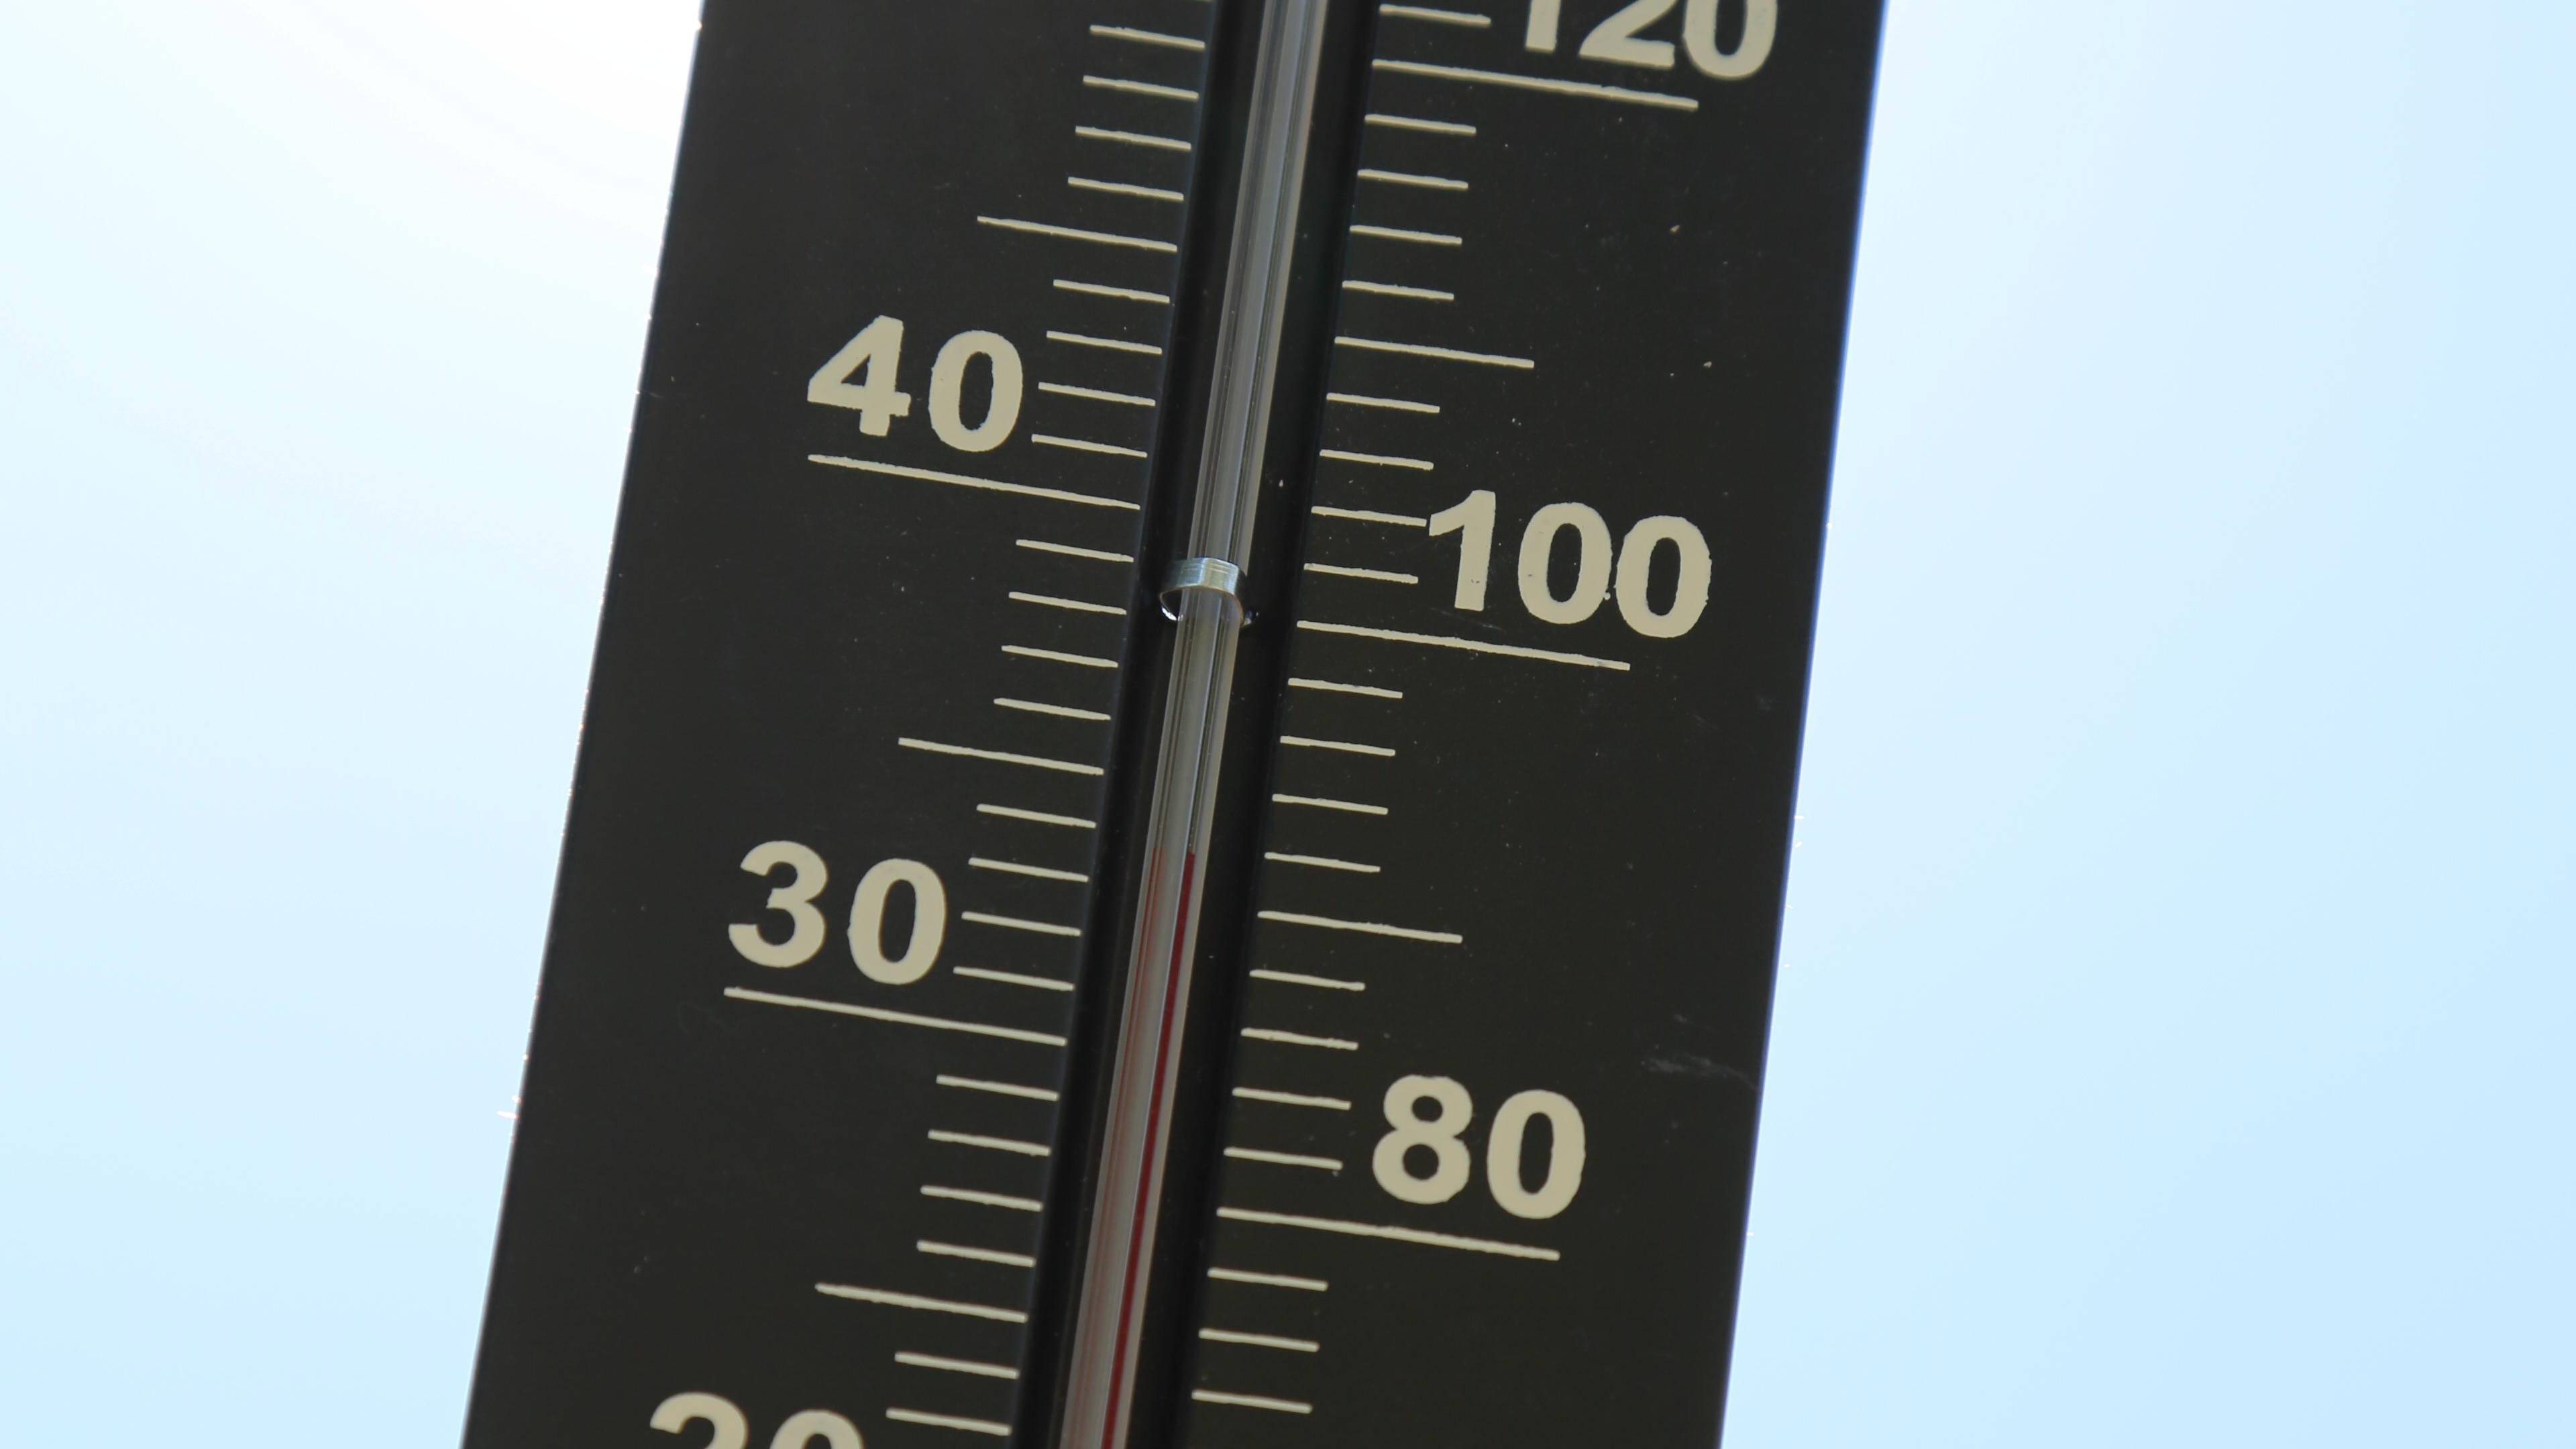 Aktivitäten bei Hitze: Die besten Tipps im Urlaub und zu Hause